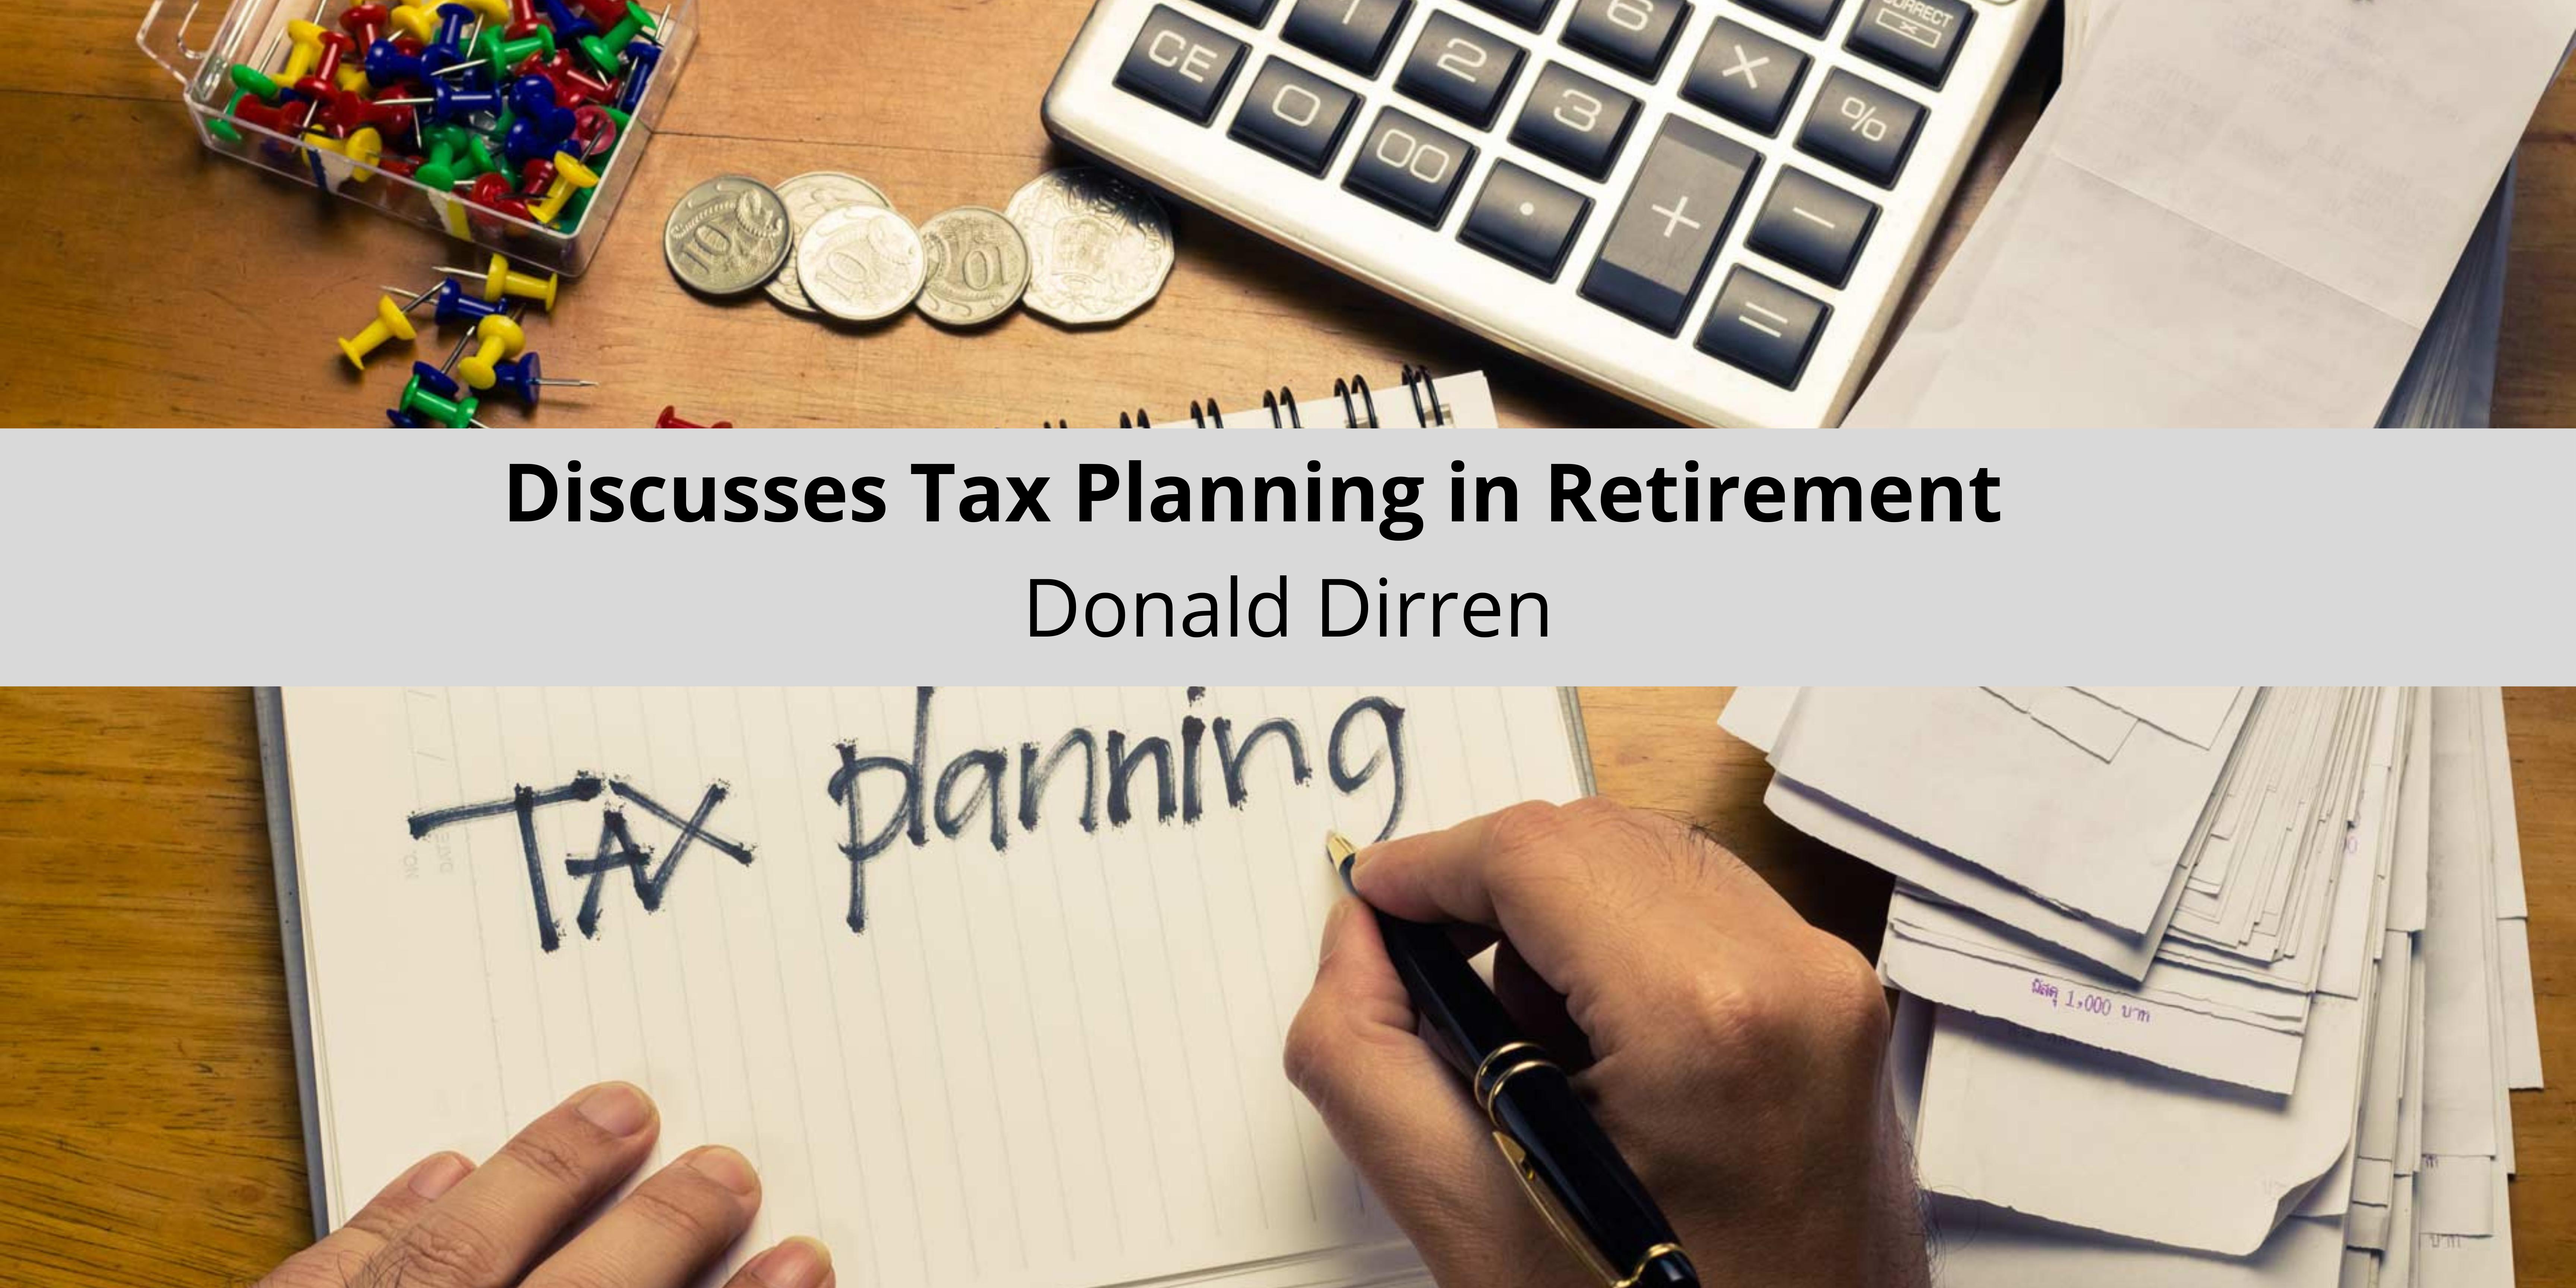 Donald Dirren Discusses Tax Planning in Retirement